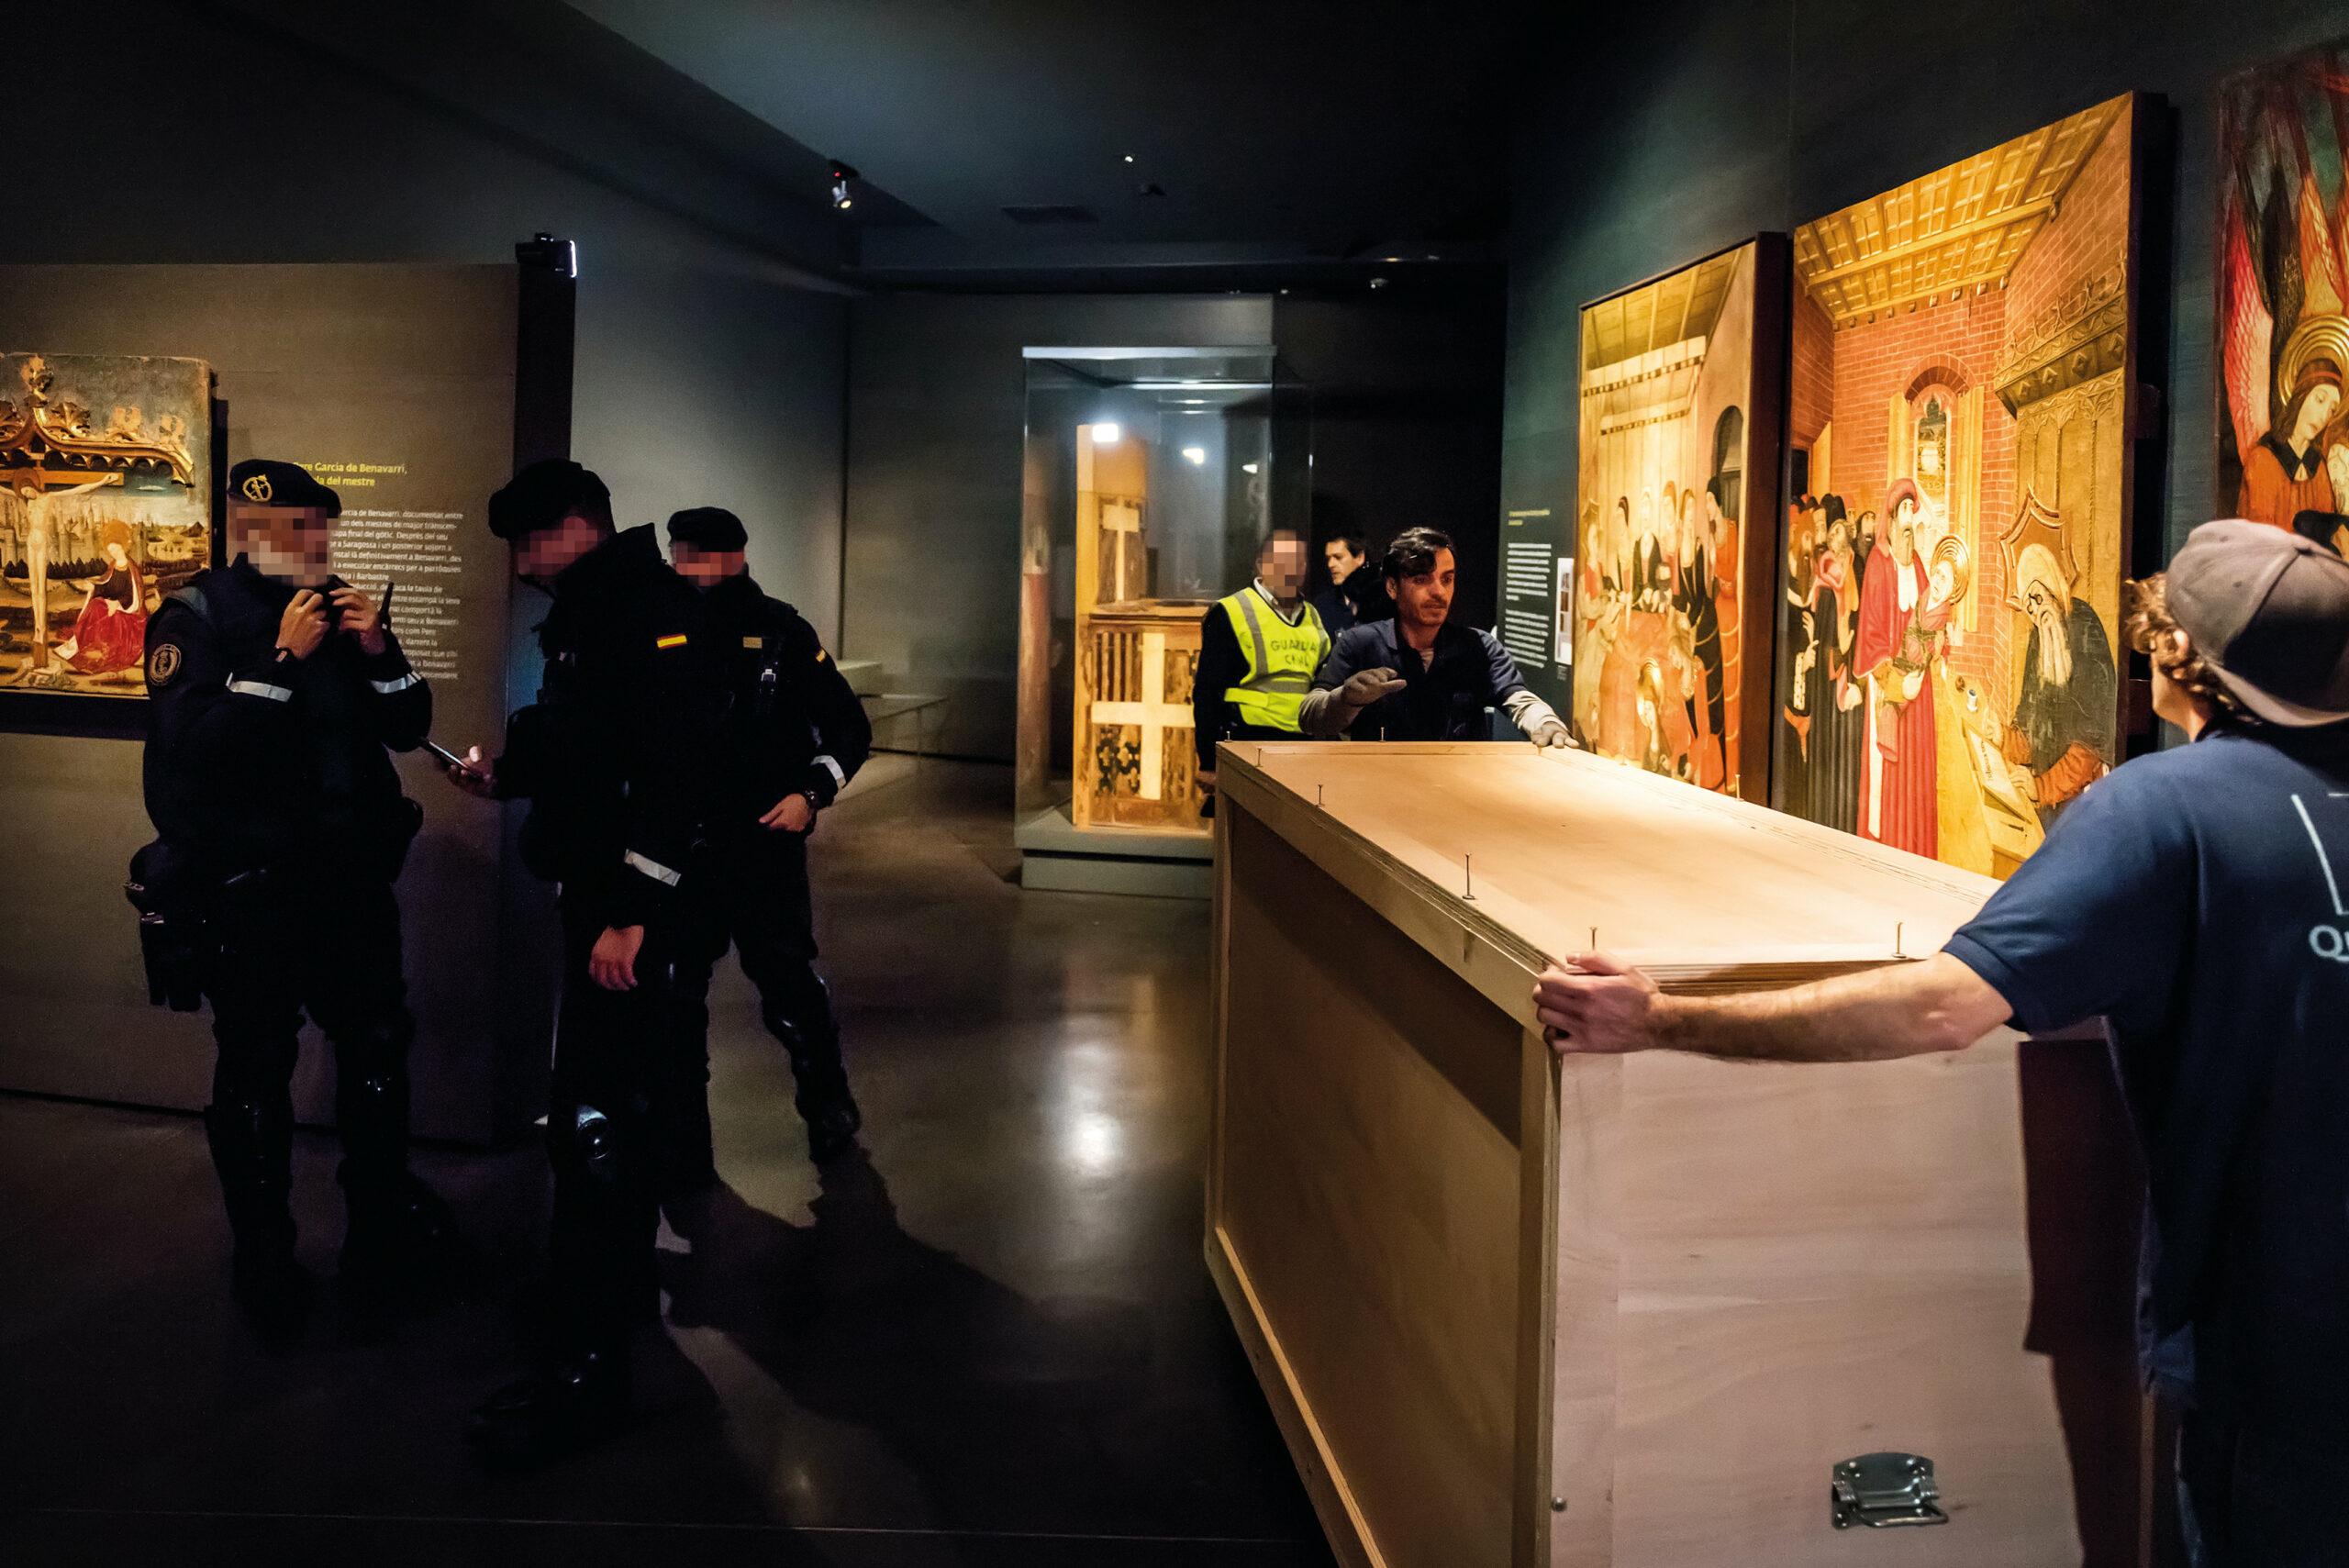 Treballadors de l'empresa de transports contractada per l'Aragó i agents de la Guàrdia Civil, durant el trasllat de les peces de Sixena del Museu de Lleida | ACN